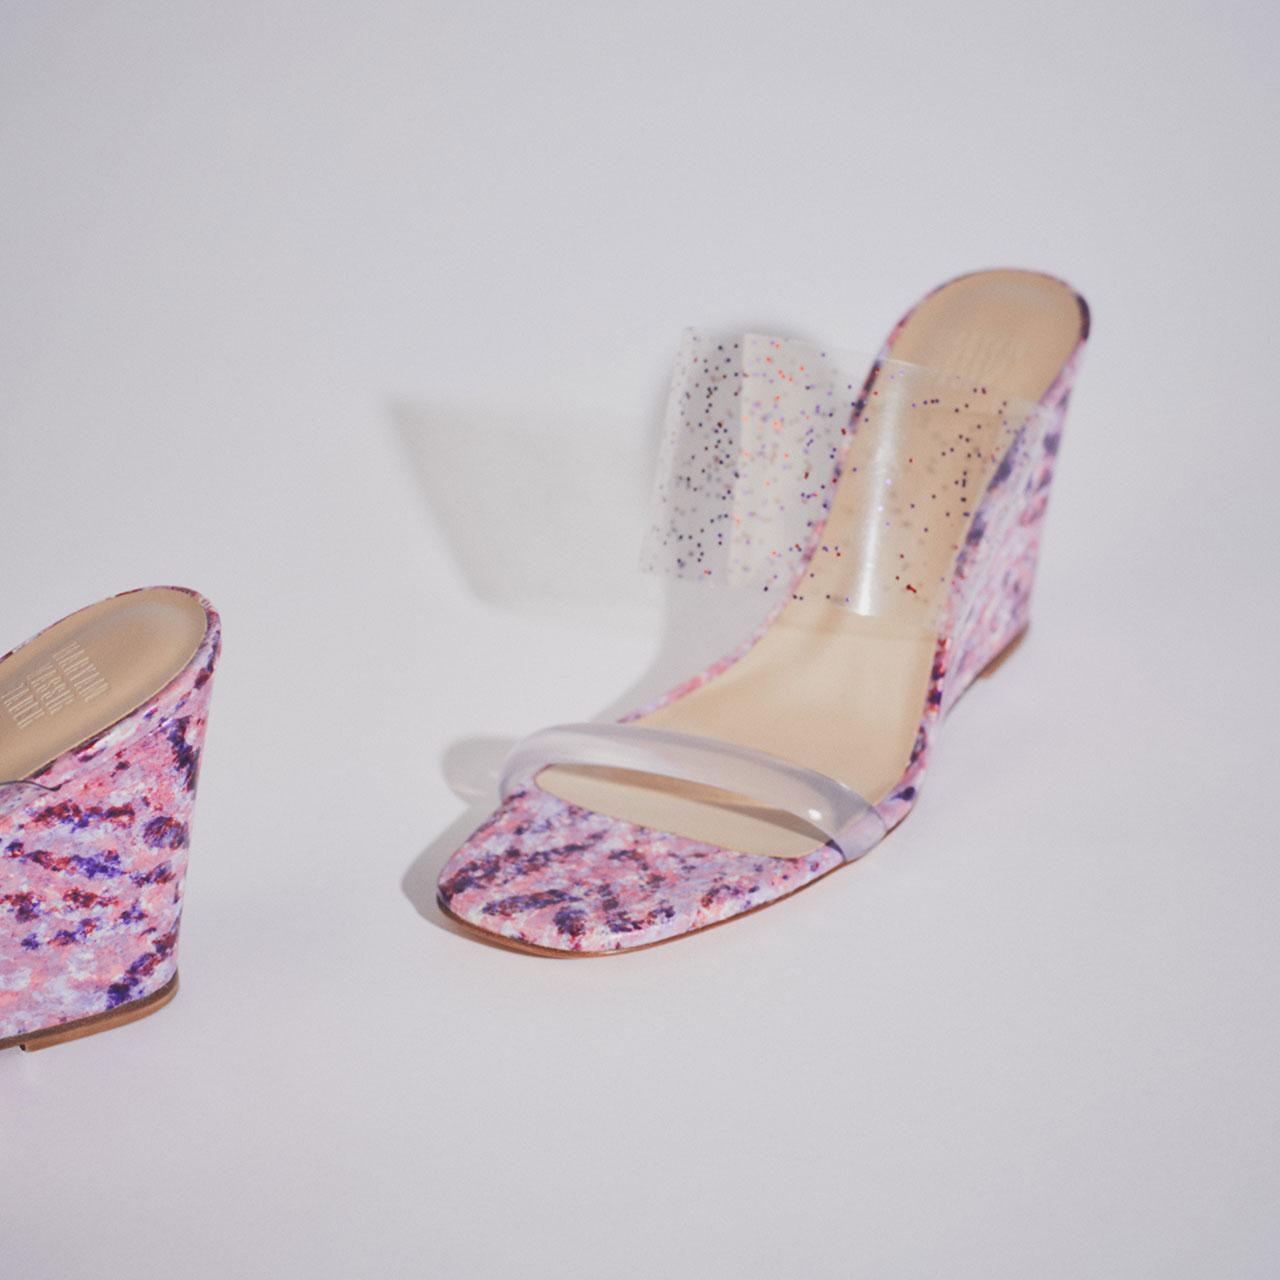 ¥65,000 [ヒール 9.5cm]、Maryam Nassir Zadeh/トゥモローランド 0120-983-511